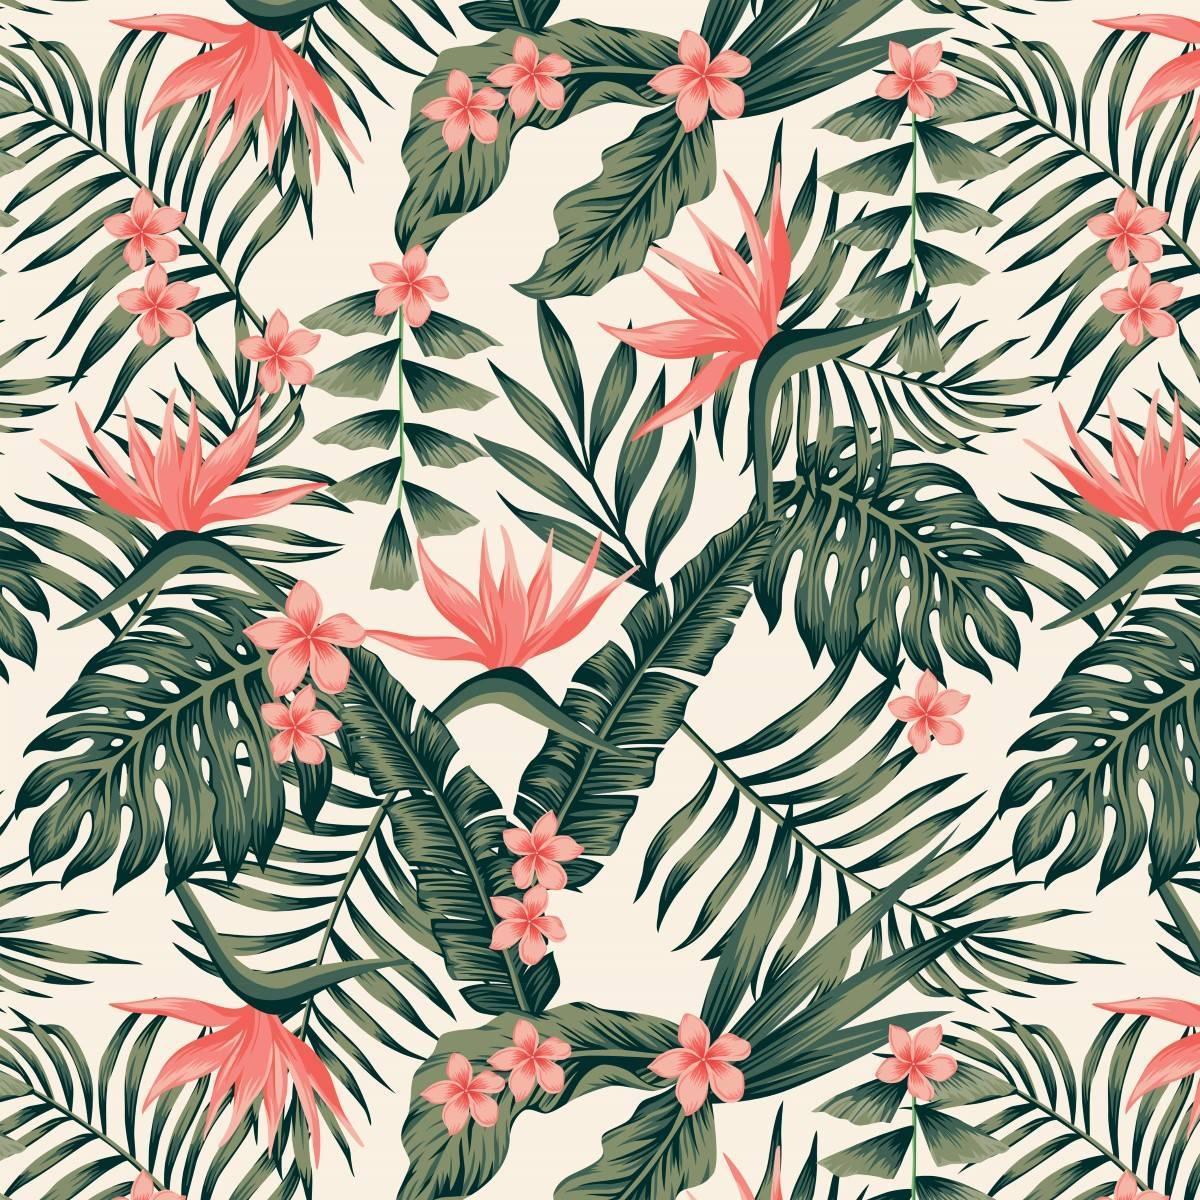 Papel de Parede Tropical | Adesivo Vinílico imagem 1